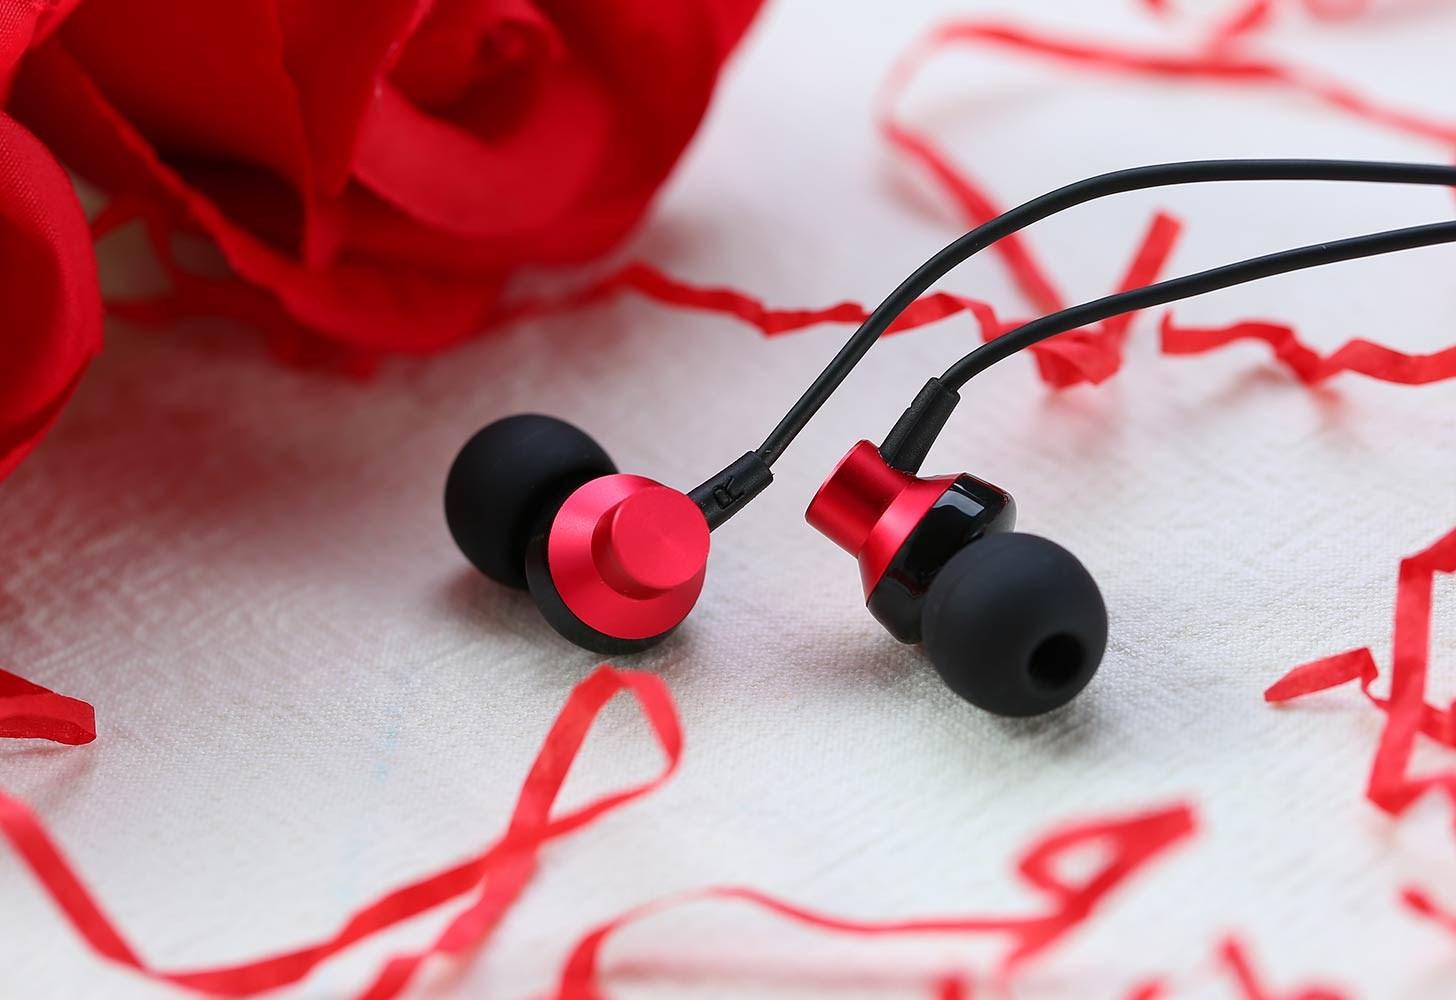 Se sortiment av hörlurar och högtalare